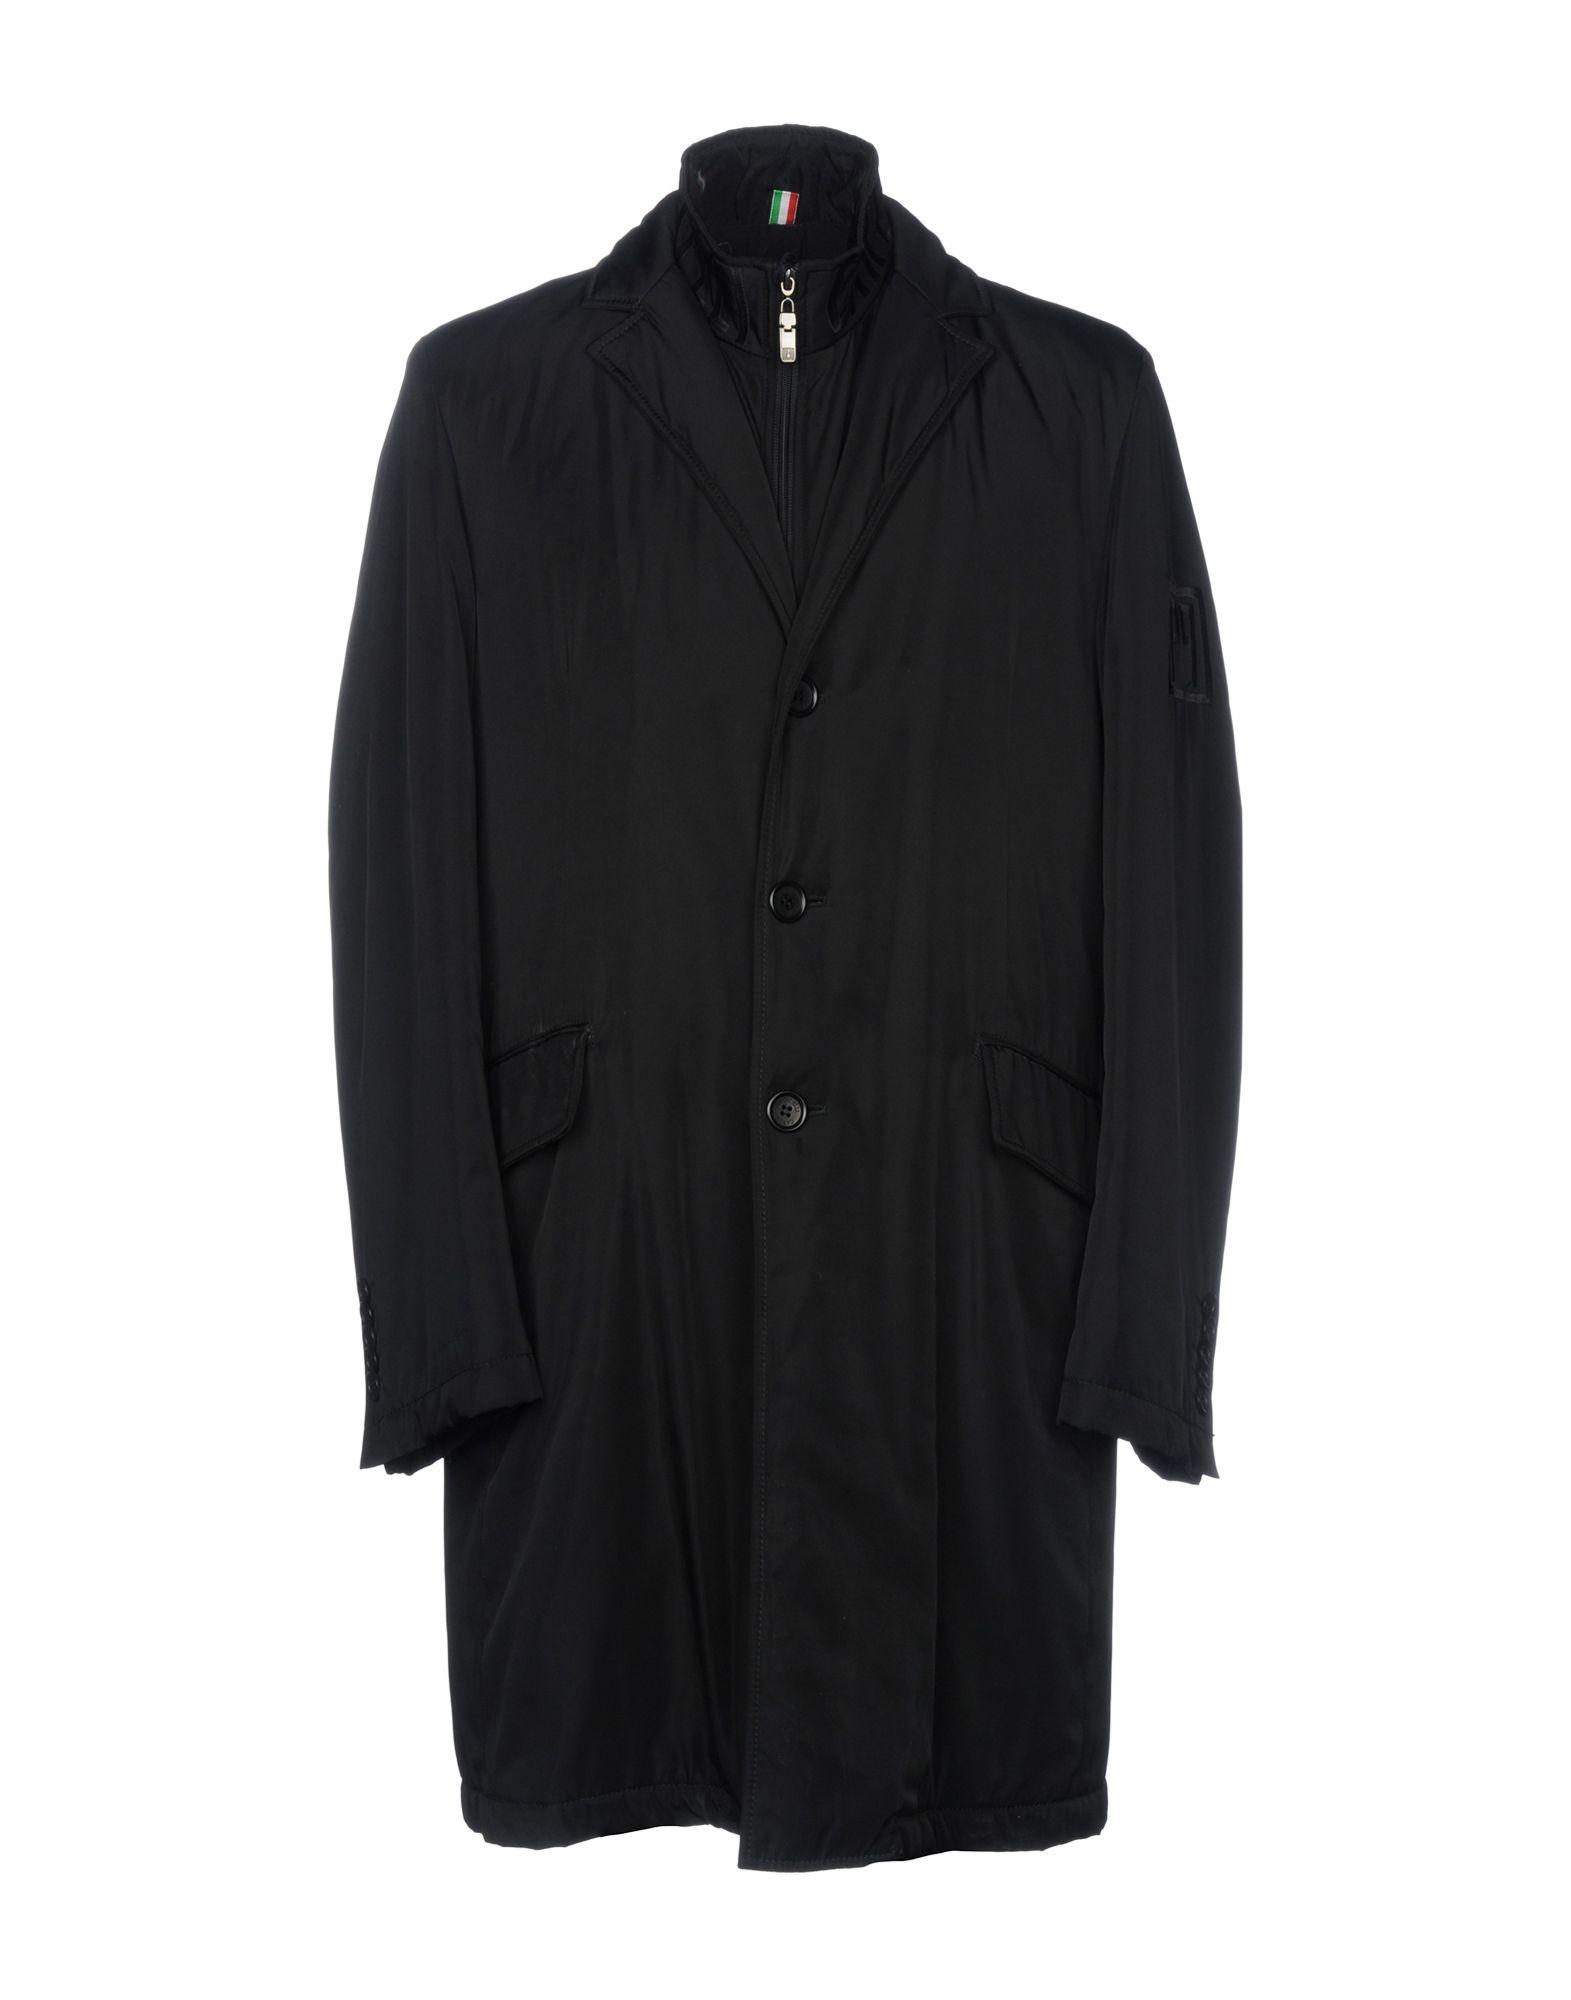 CARLO PIGNATELLI Coat in Black